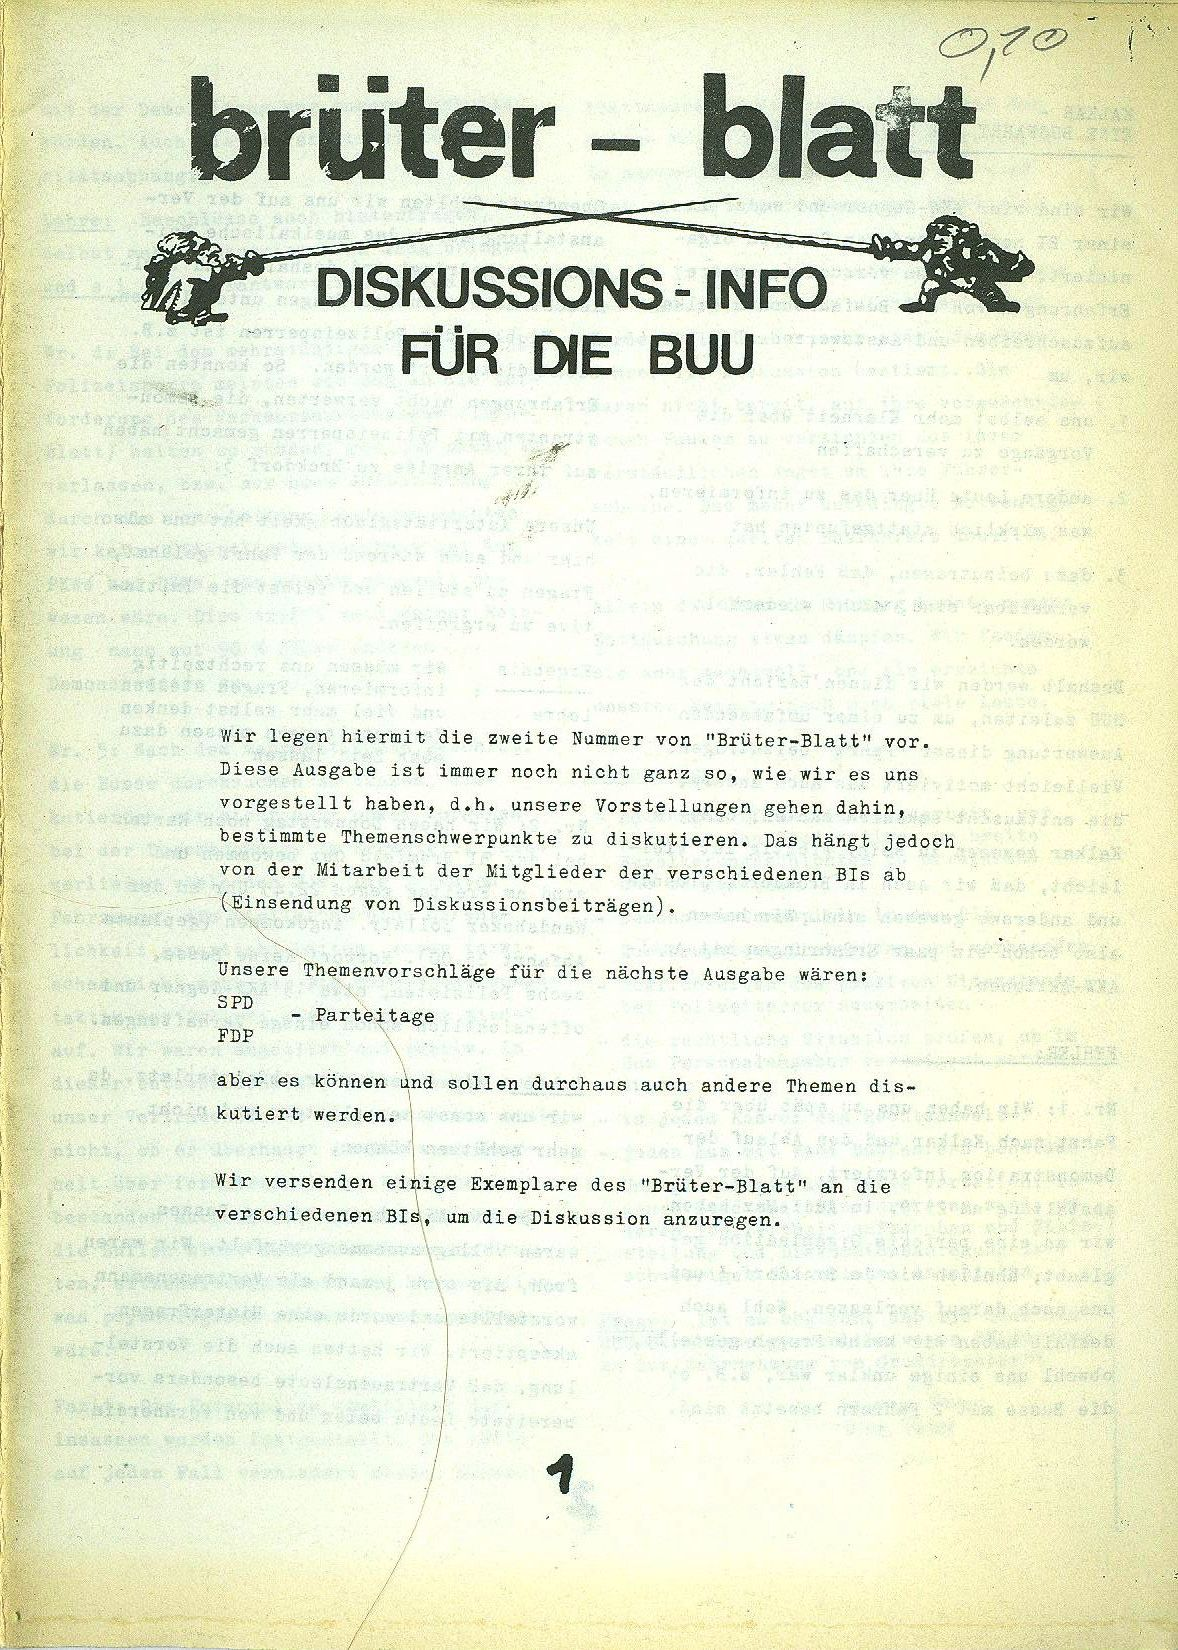 Brueterblatt001